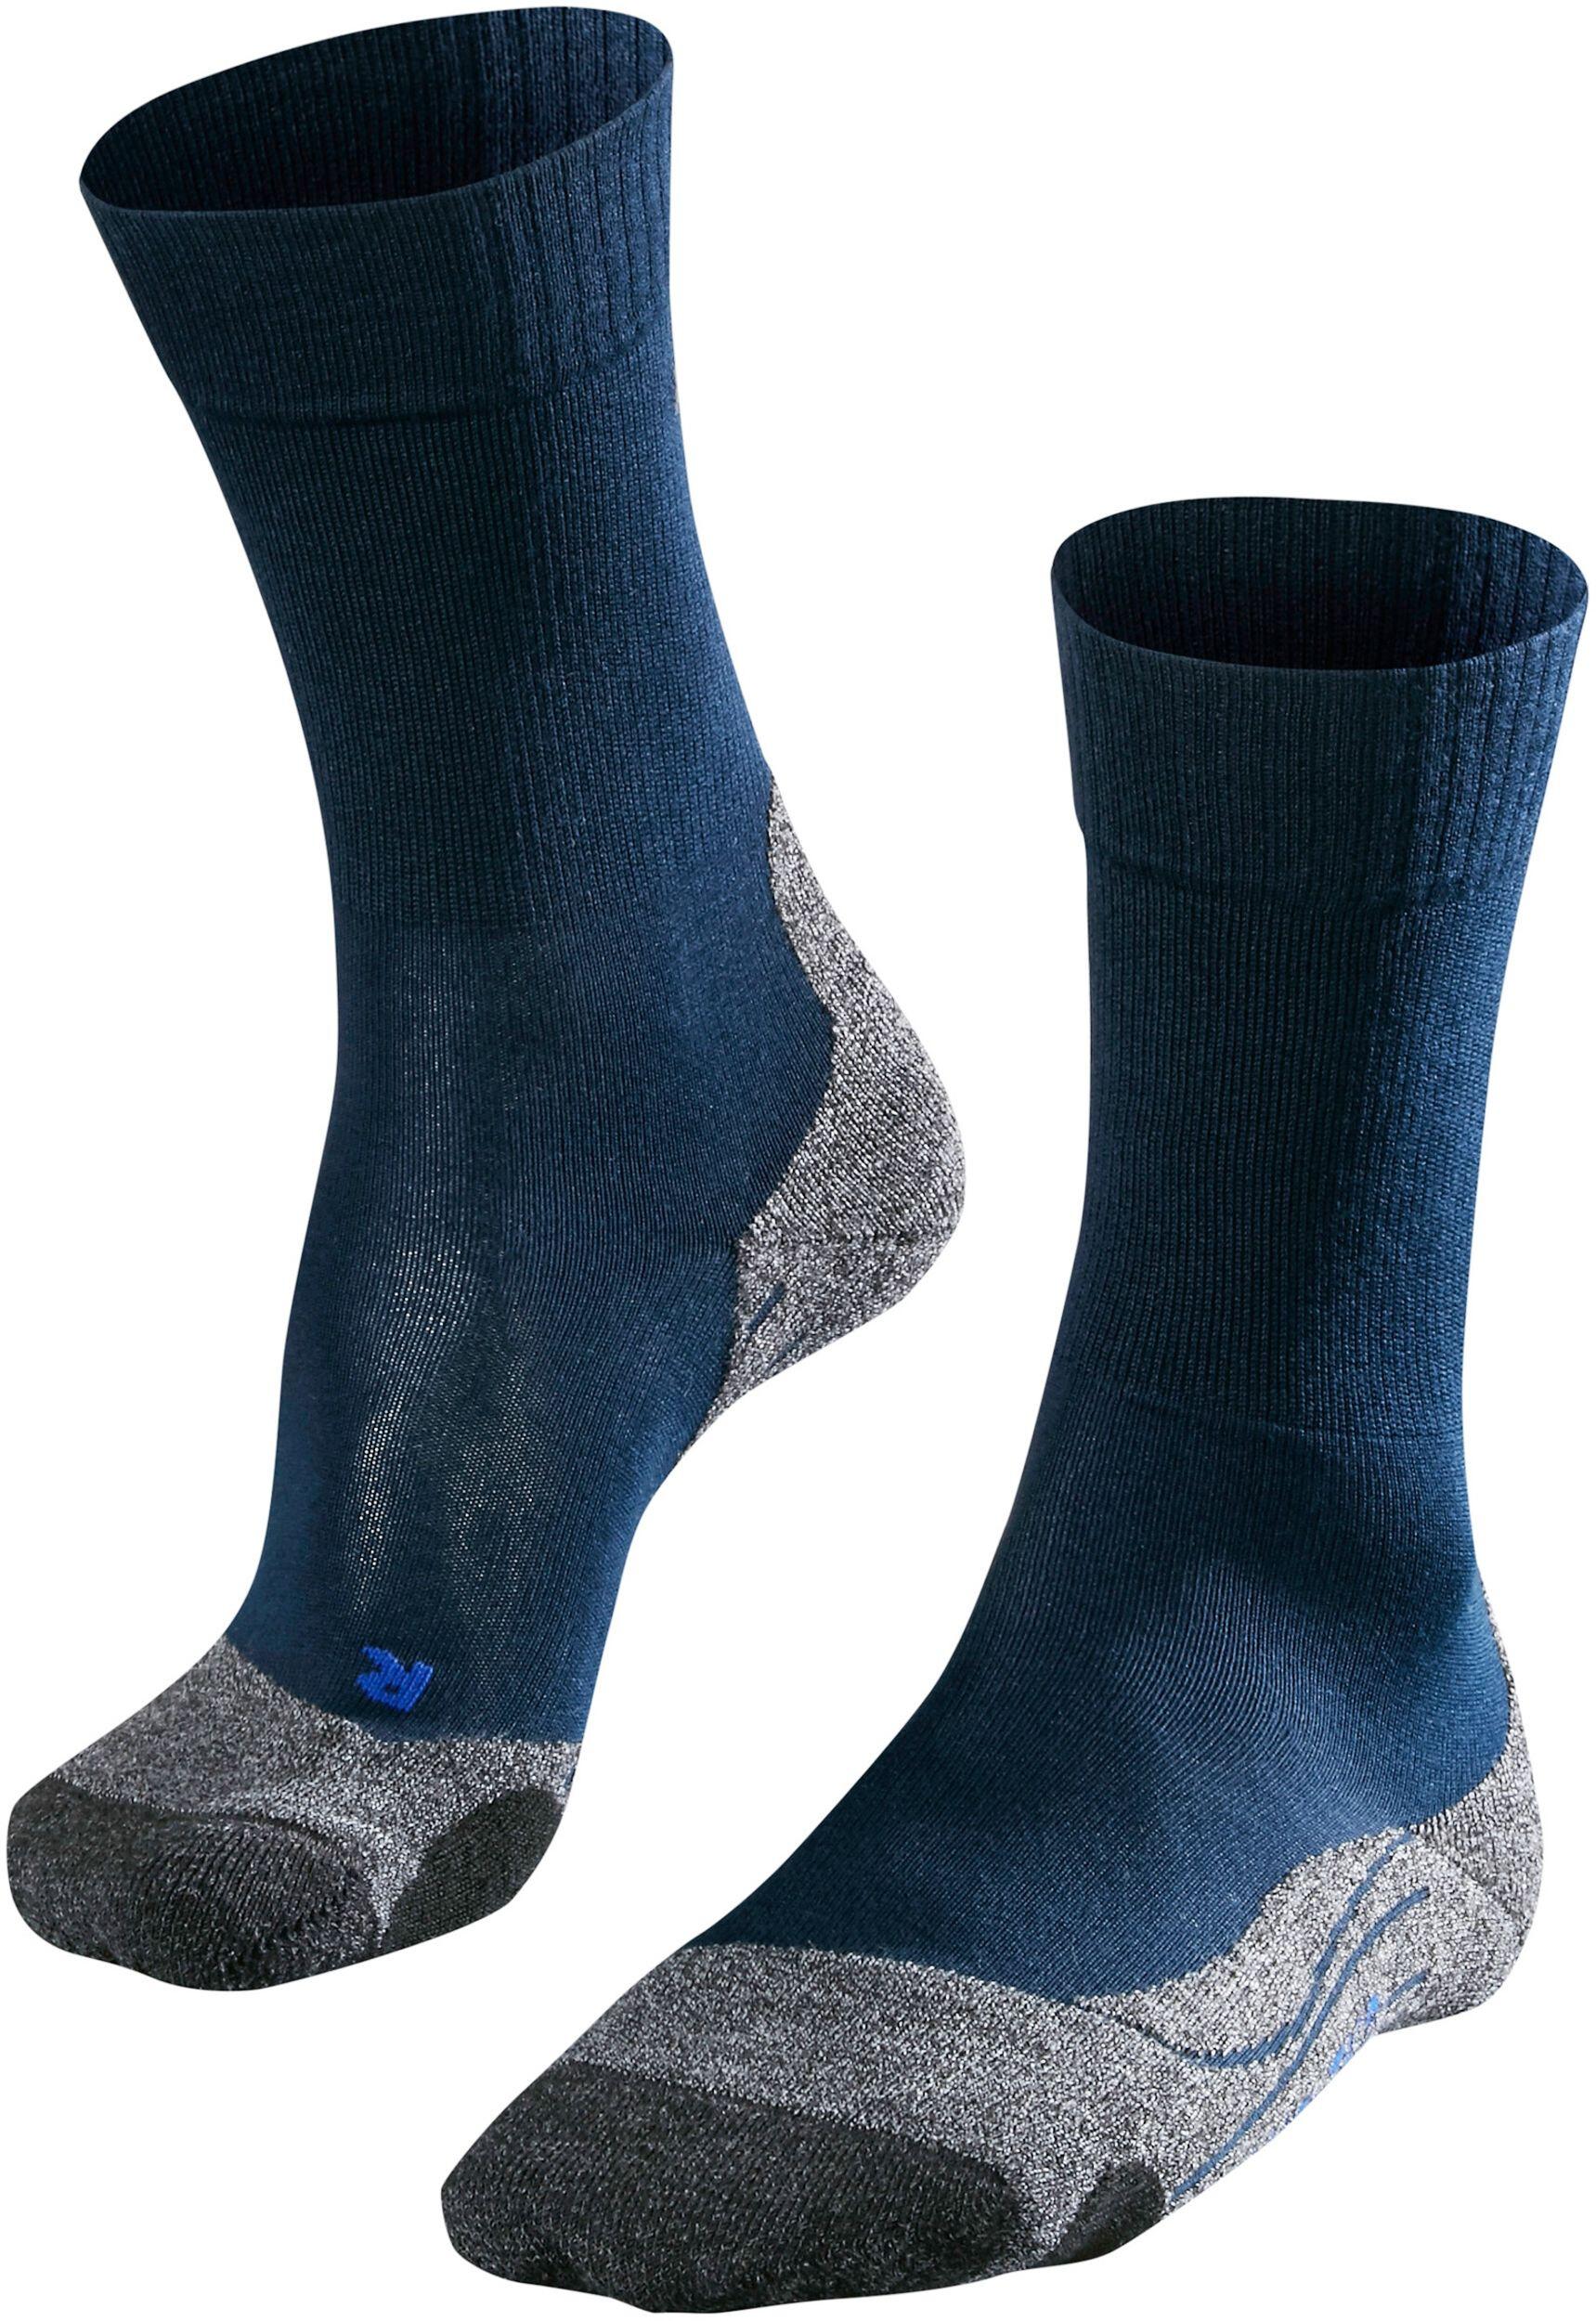 Disparo Caza Shooterking Groenlandia Smock país Gratis 2 pares calcetines y sombrero